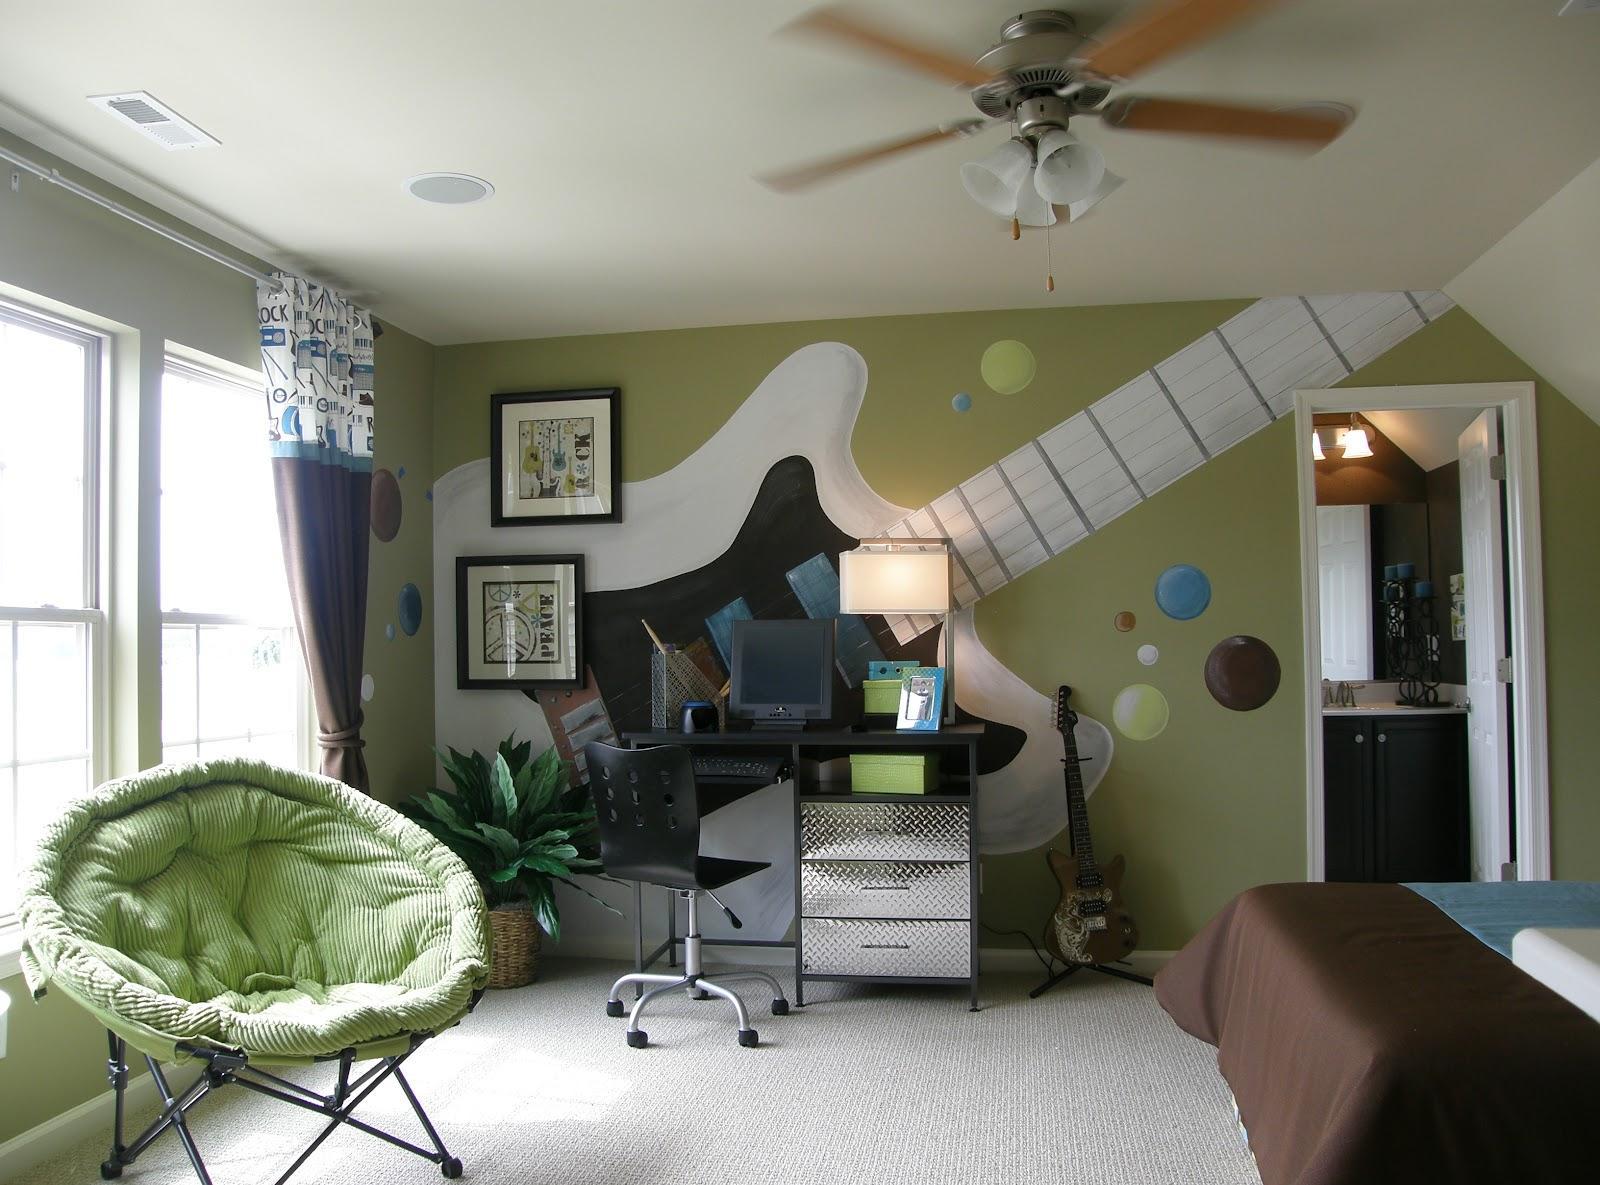 Дизайн комнаты мальчика подростка с дополнительным настольным освещением